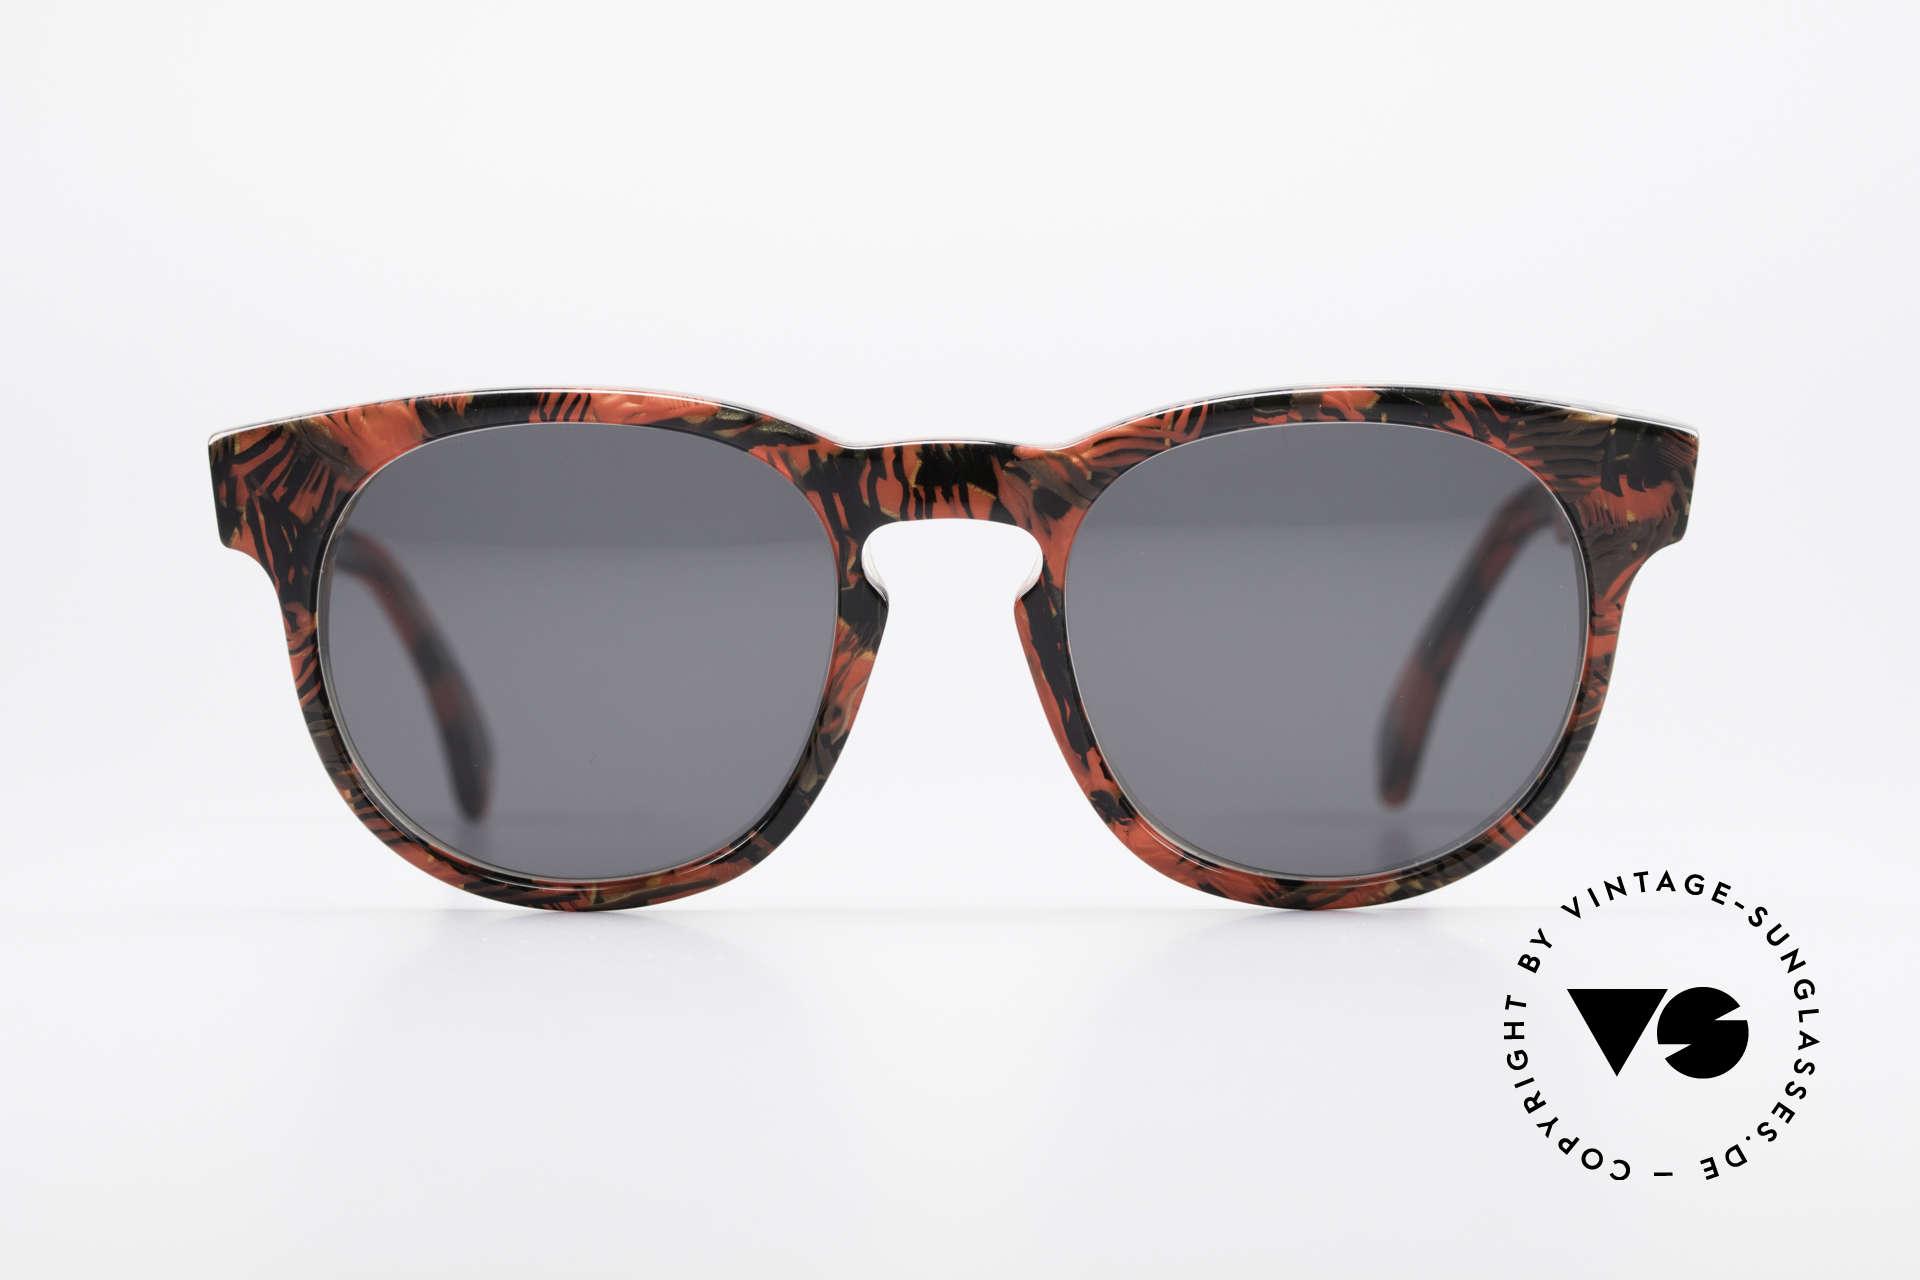 Alain Mikli 903 / 687 80er Panto Sonnenbrille Small, mehr 'klassisch' geht nicht (bekannte Panto-Form), Passend für Herren und Damen